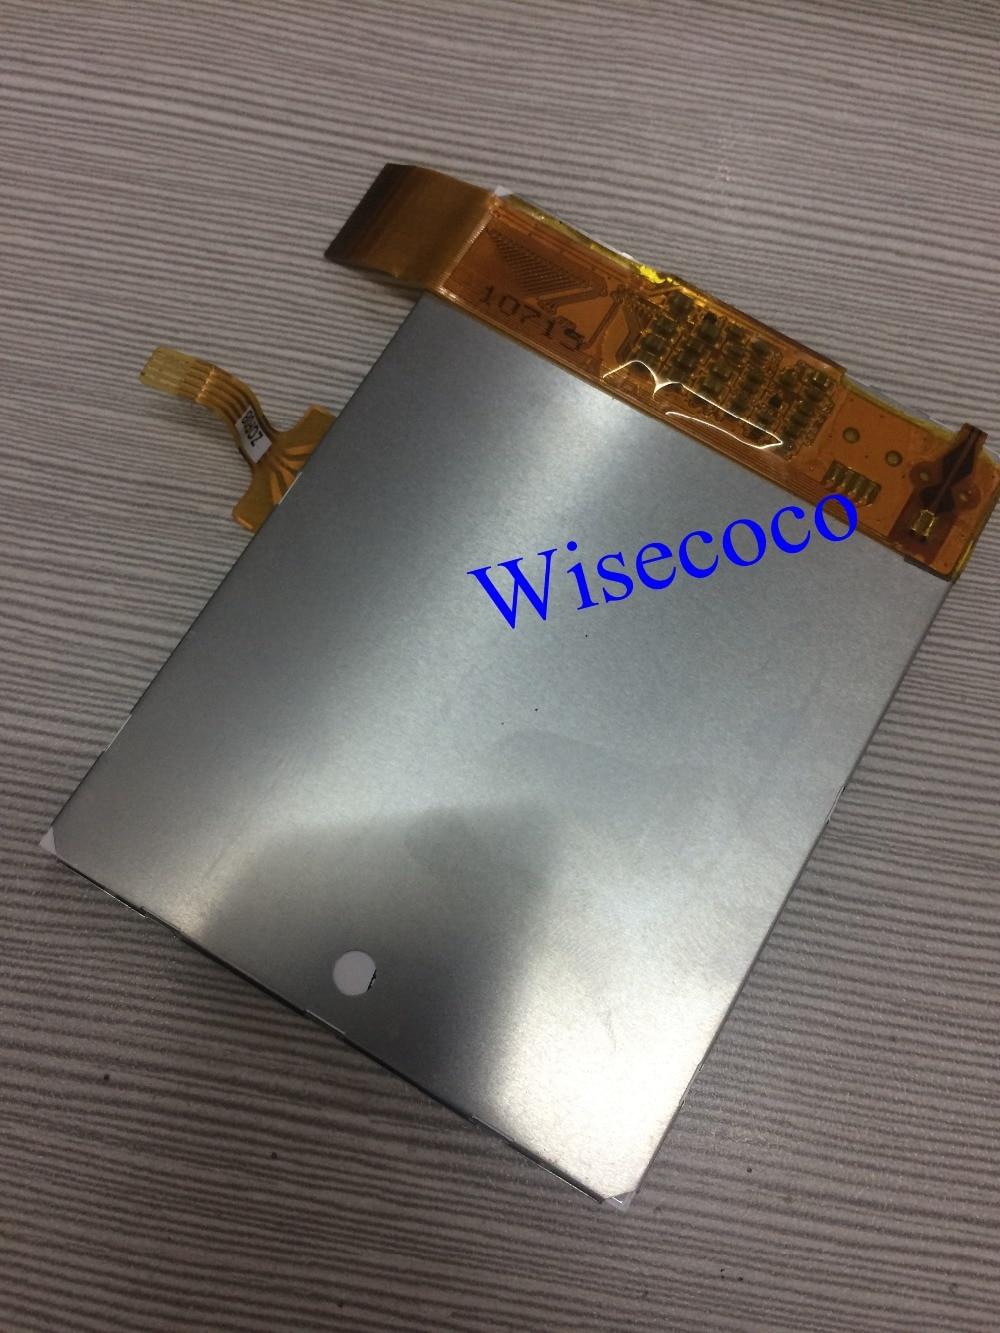 3.5 pollice NL4864HL11-02A LCD modulo display dello schermo con touch screen digitizer vetro, scanner di codici a barre LCD3.5 pollice NL4864HL11-02A LCD modulo display dello schermo con touch screen digitizer vetro, scanner di codici a barre LCD